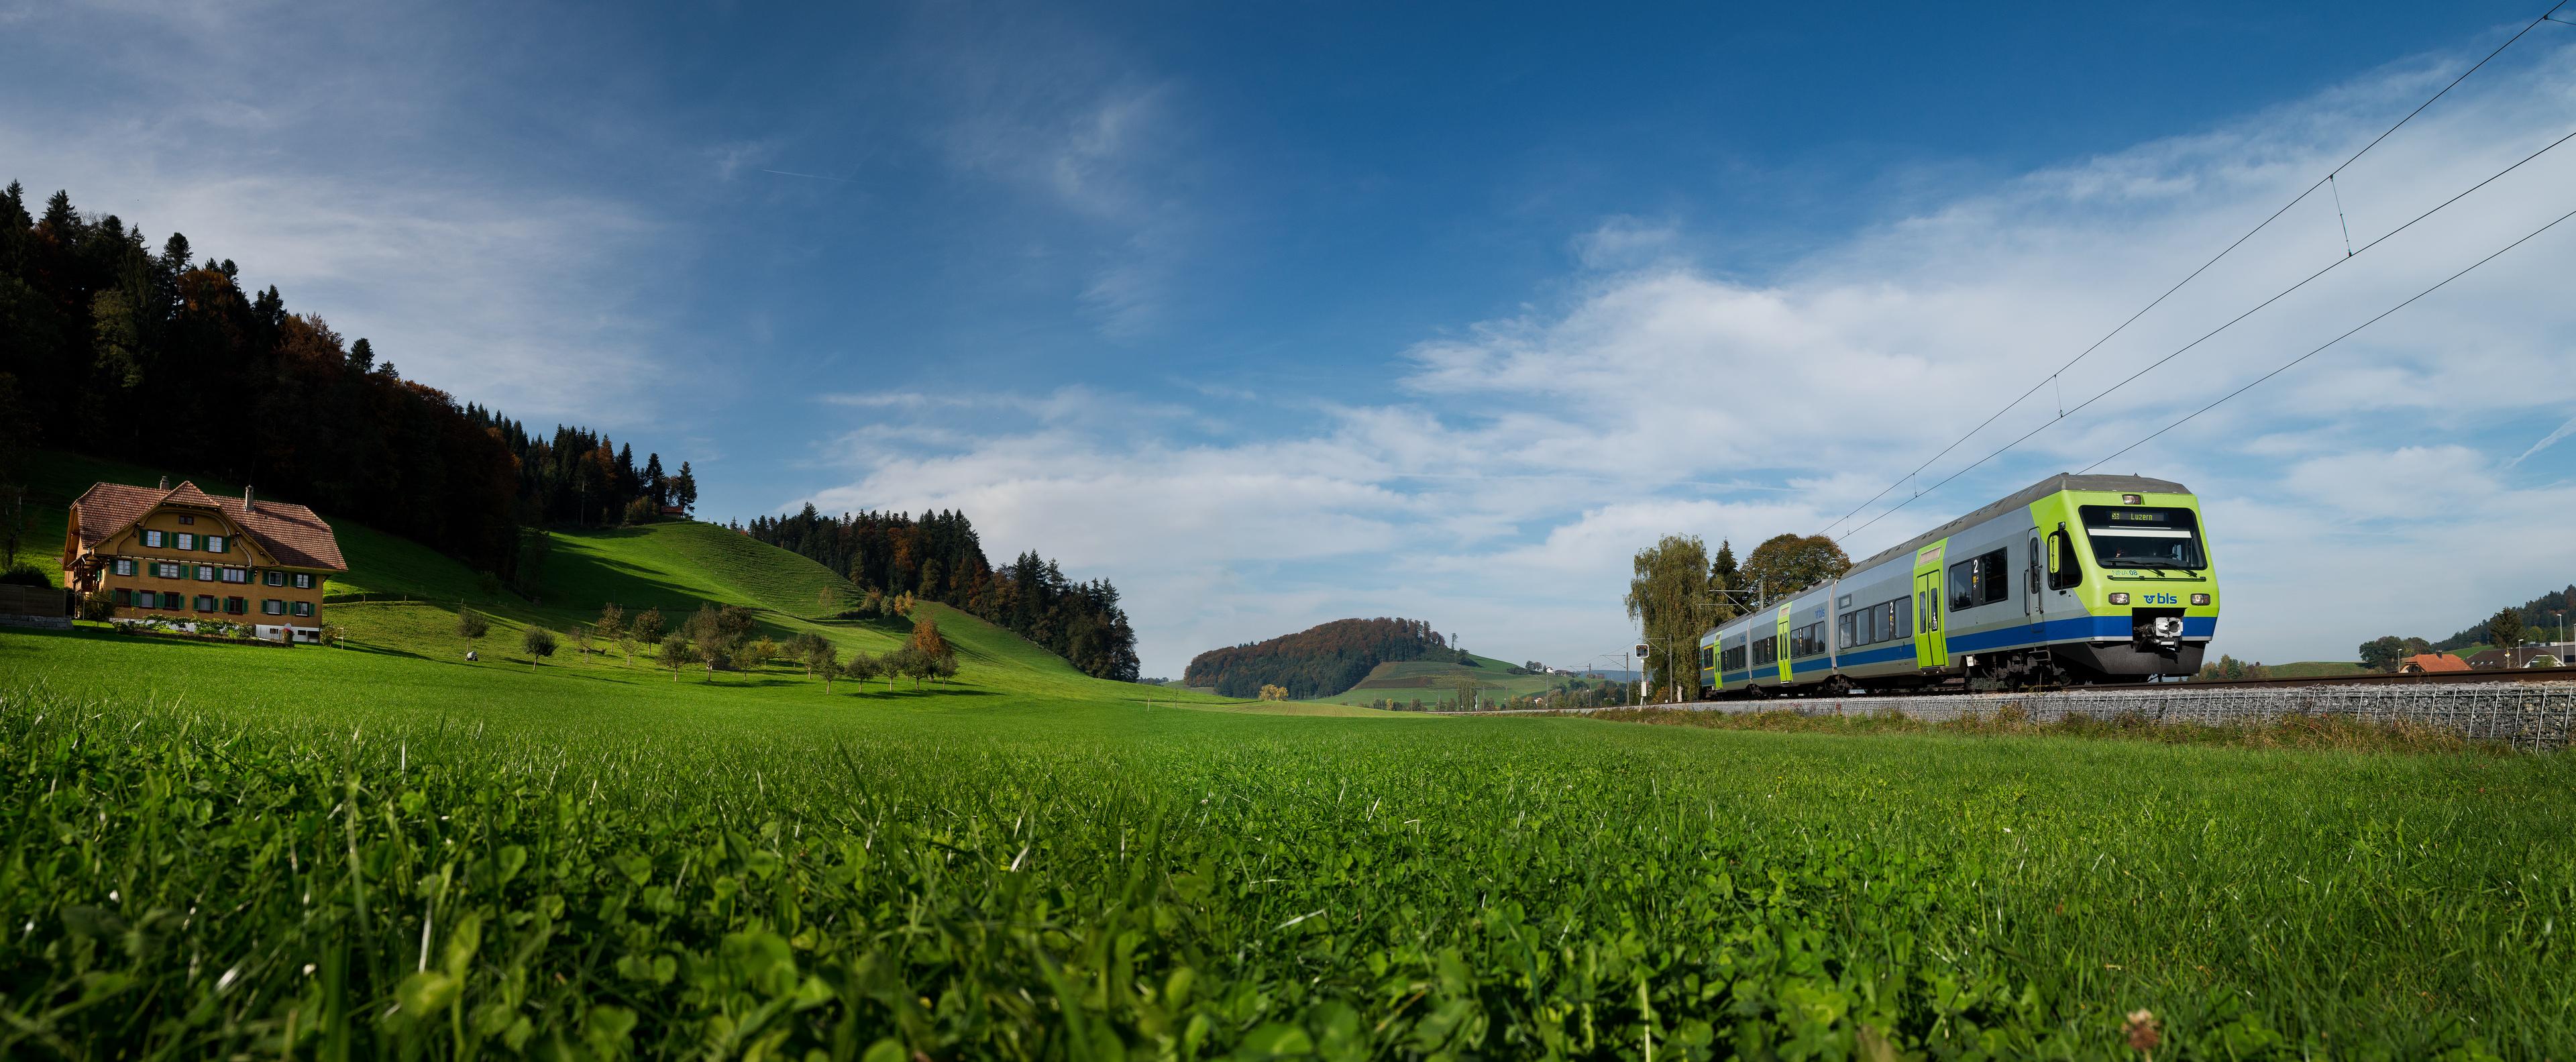 «Energieeffiziente Mobilität» – Ausgezeichnete Züge im nördlichen Napfgebiet